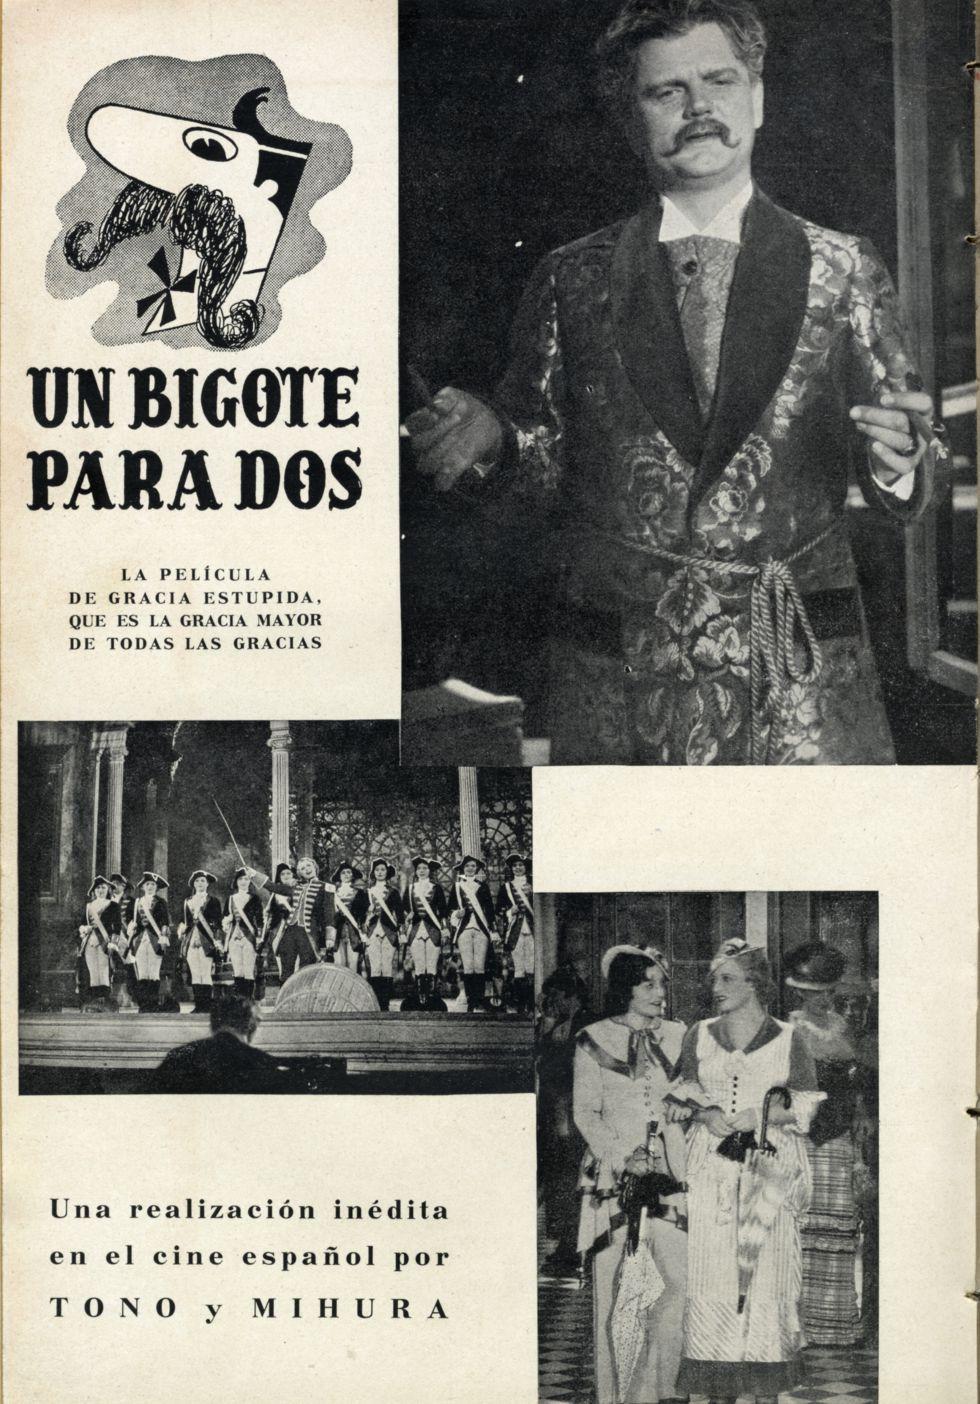 Un bigote para dos (1940), de Tono y Mihura